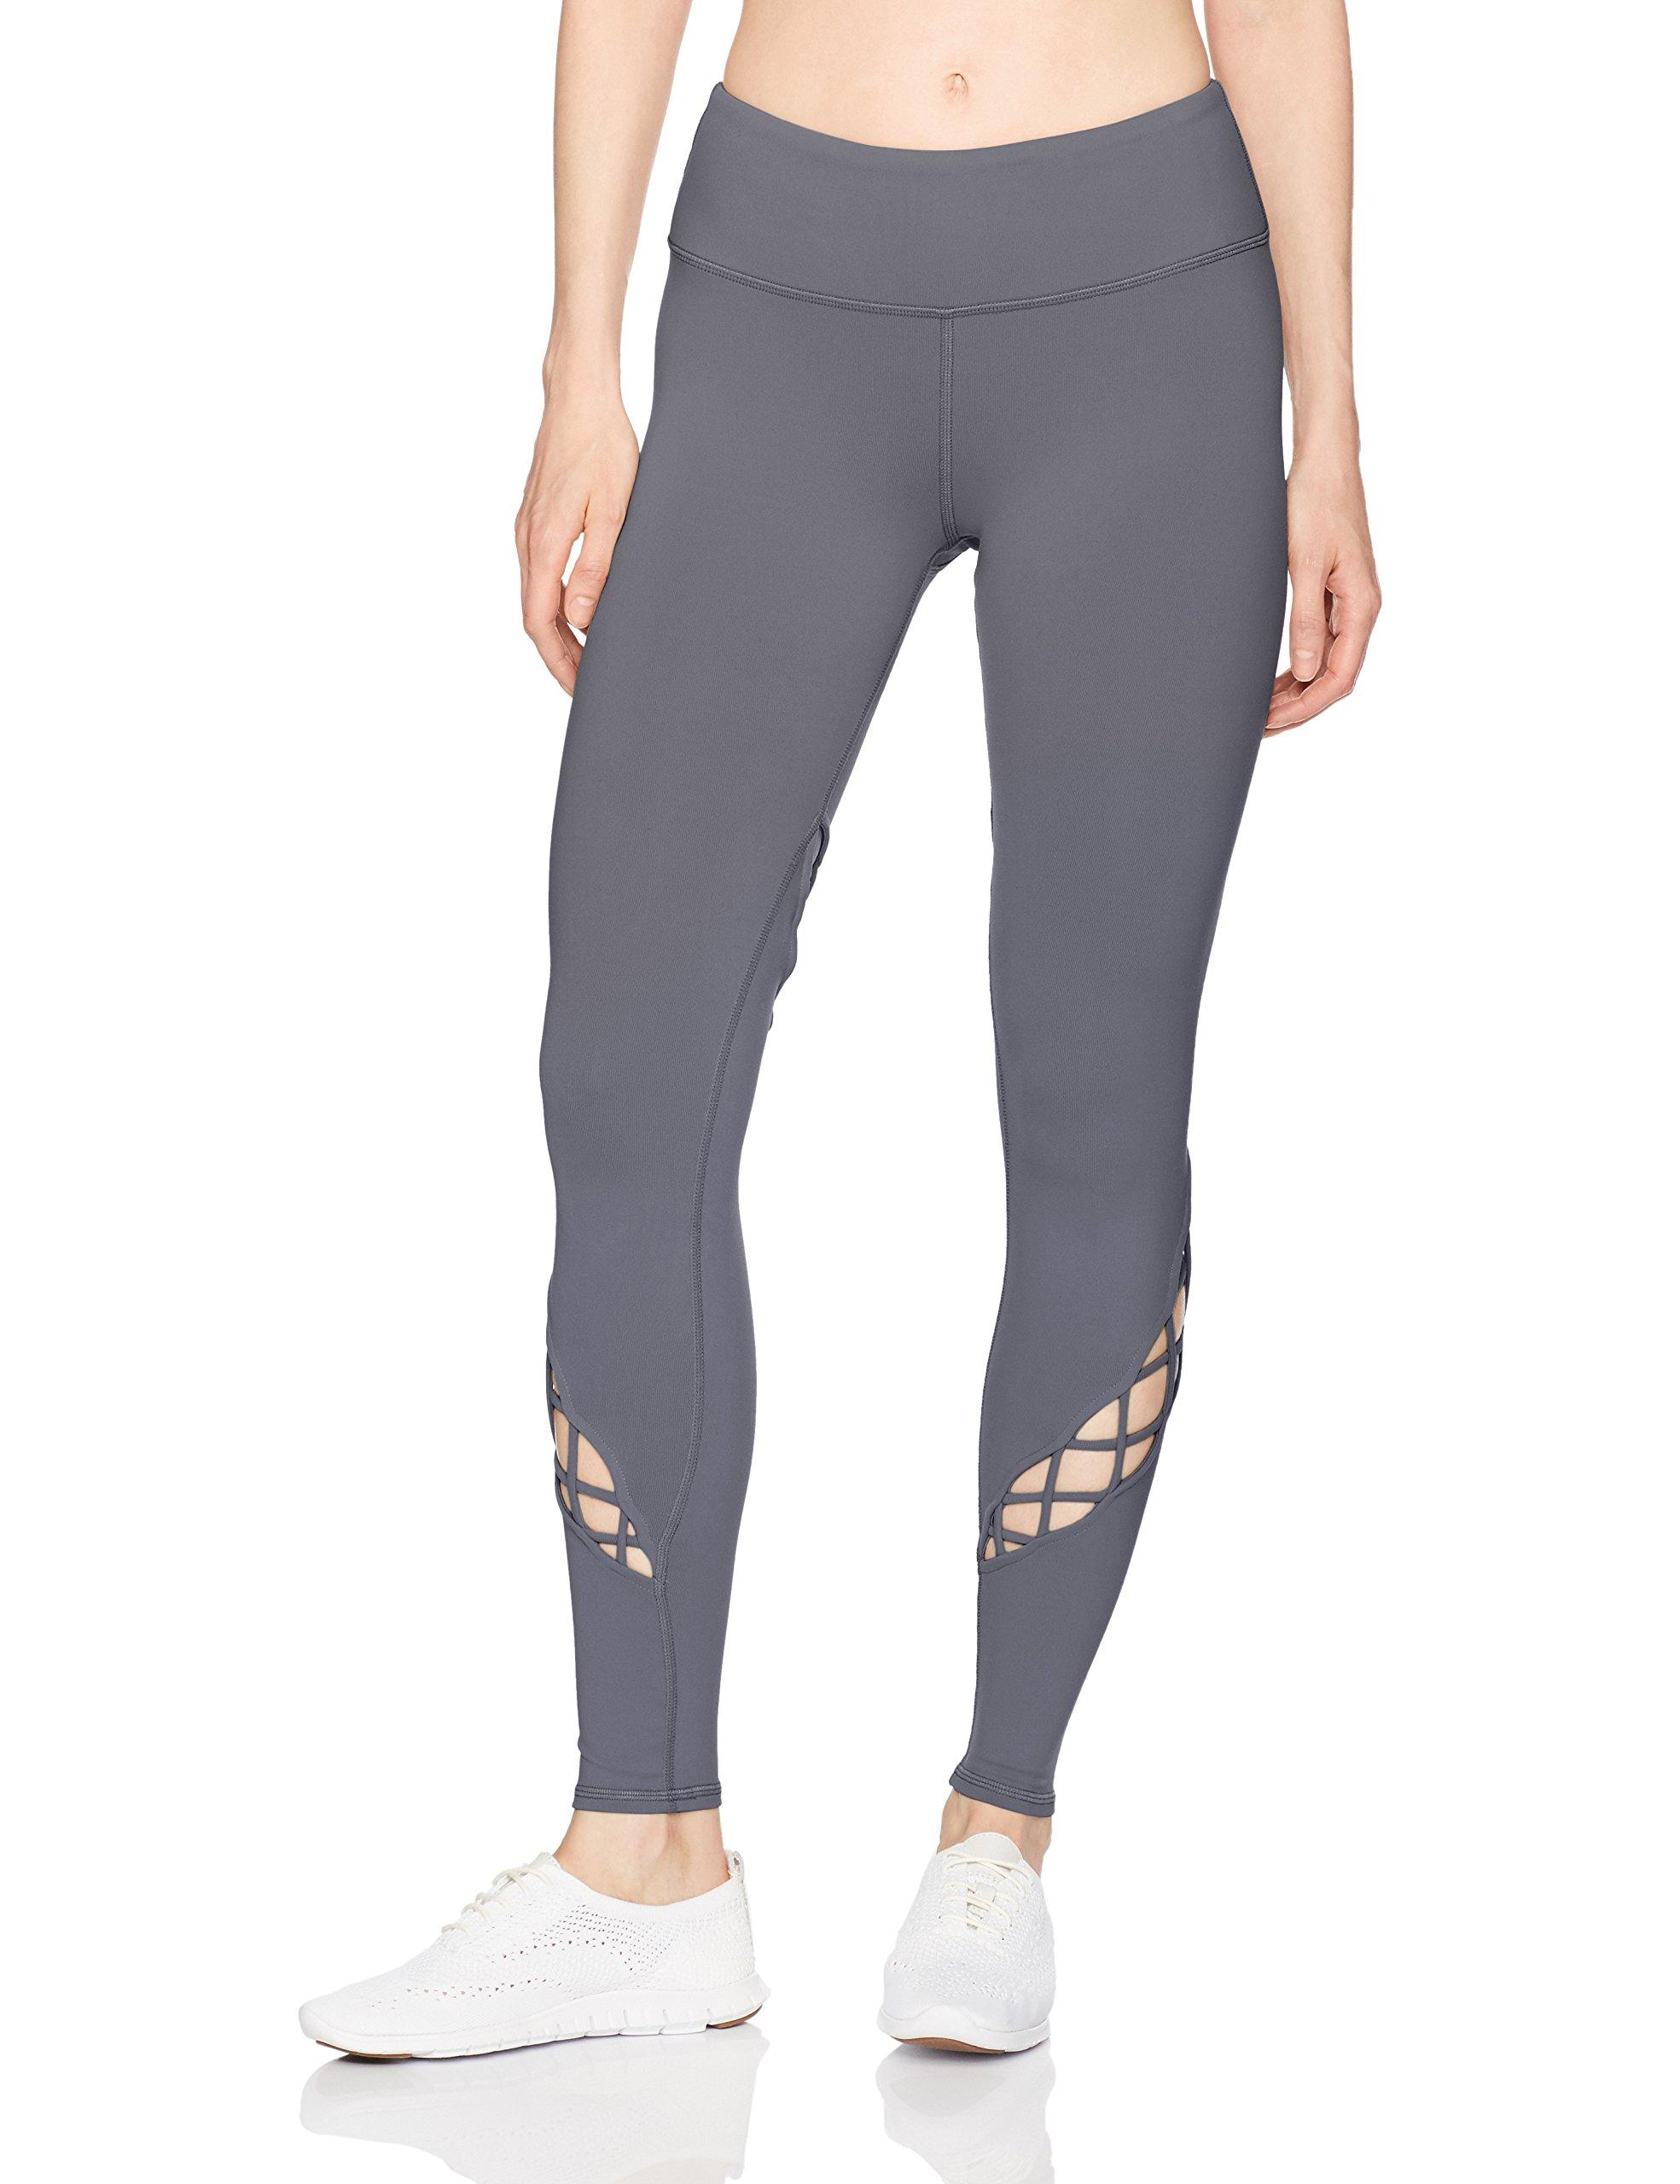 Alo Yoga Women's Entwine Legging, Anthracite XXS